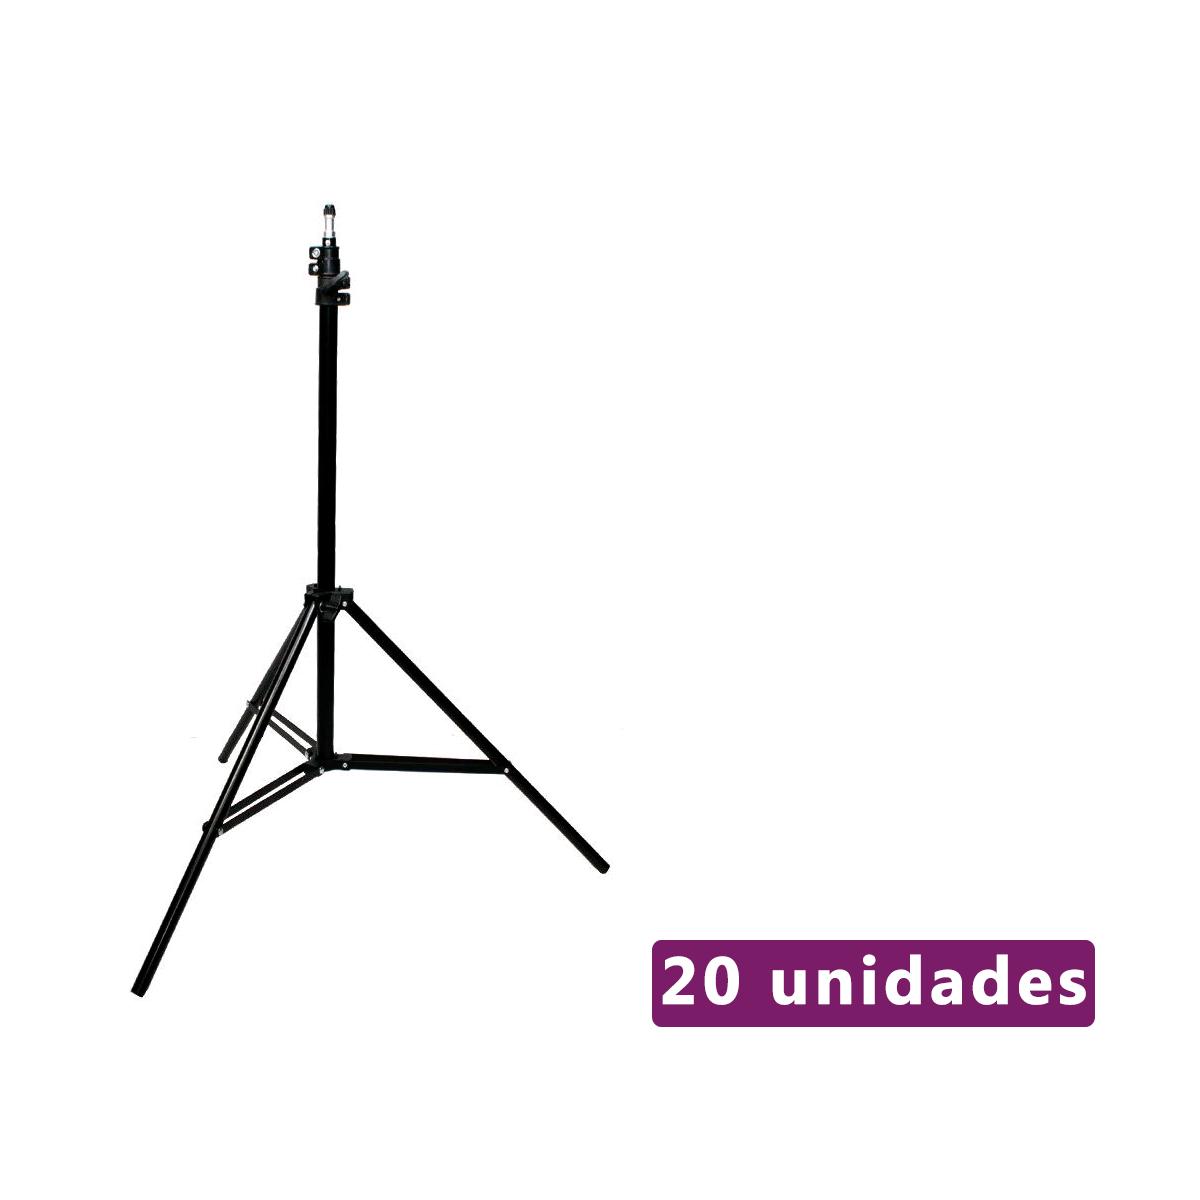 Lote com 20 Unidades de Tripés de Iluminação 2m Sou Foto TPI-200 para Equipamentos Fotográficos  - Fotolux